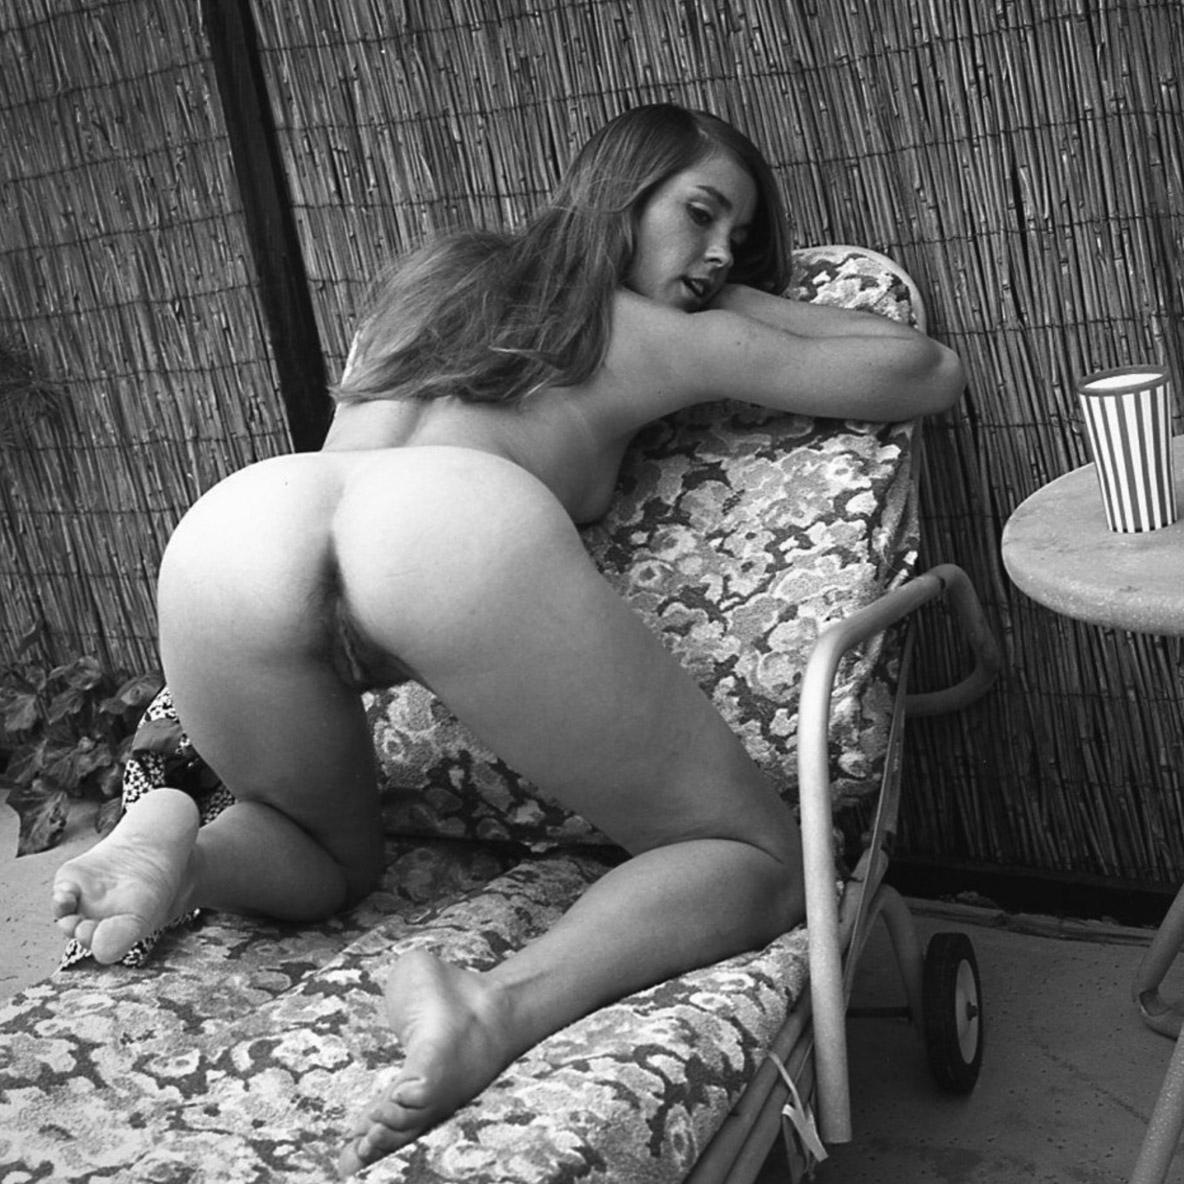 nude amateur retro vintage pics